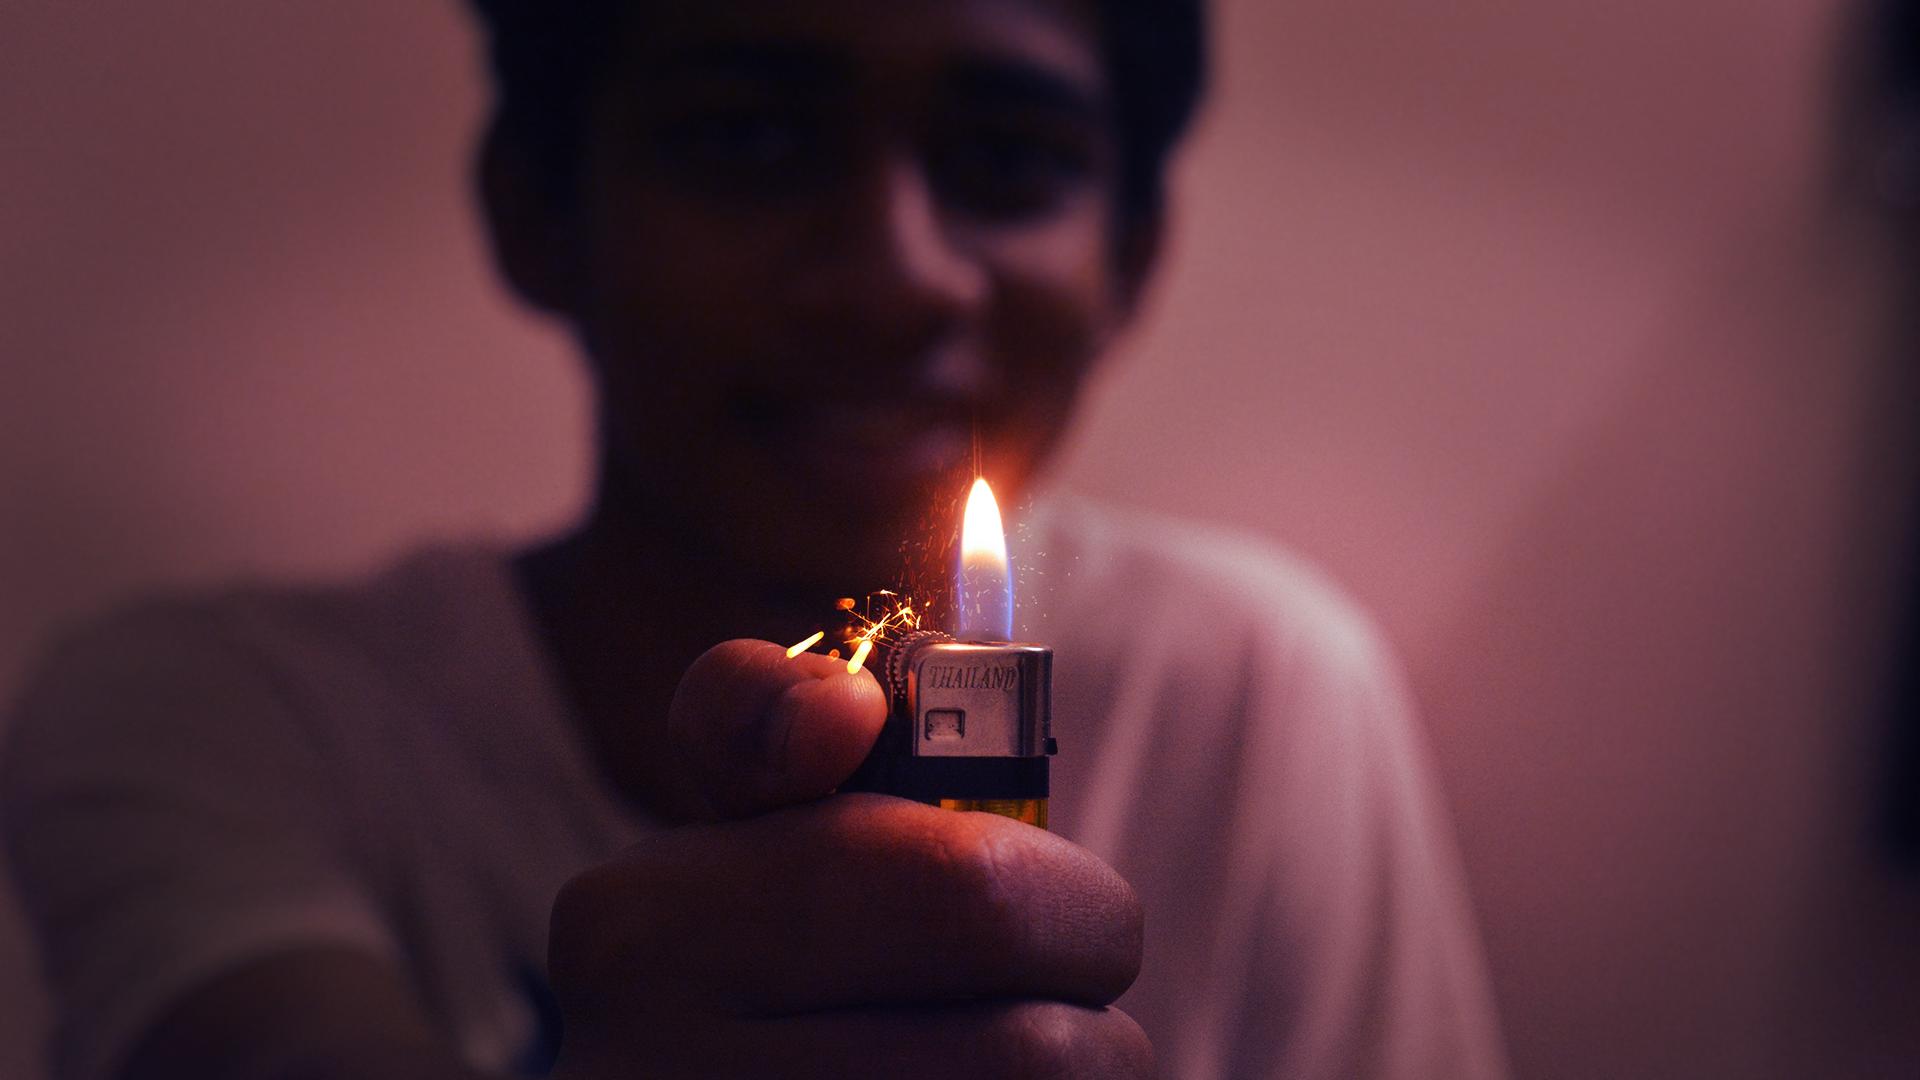 O truque sobre fumagem deixada